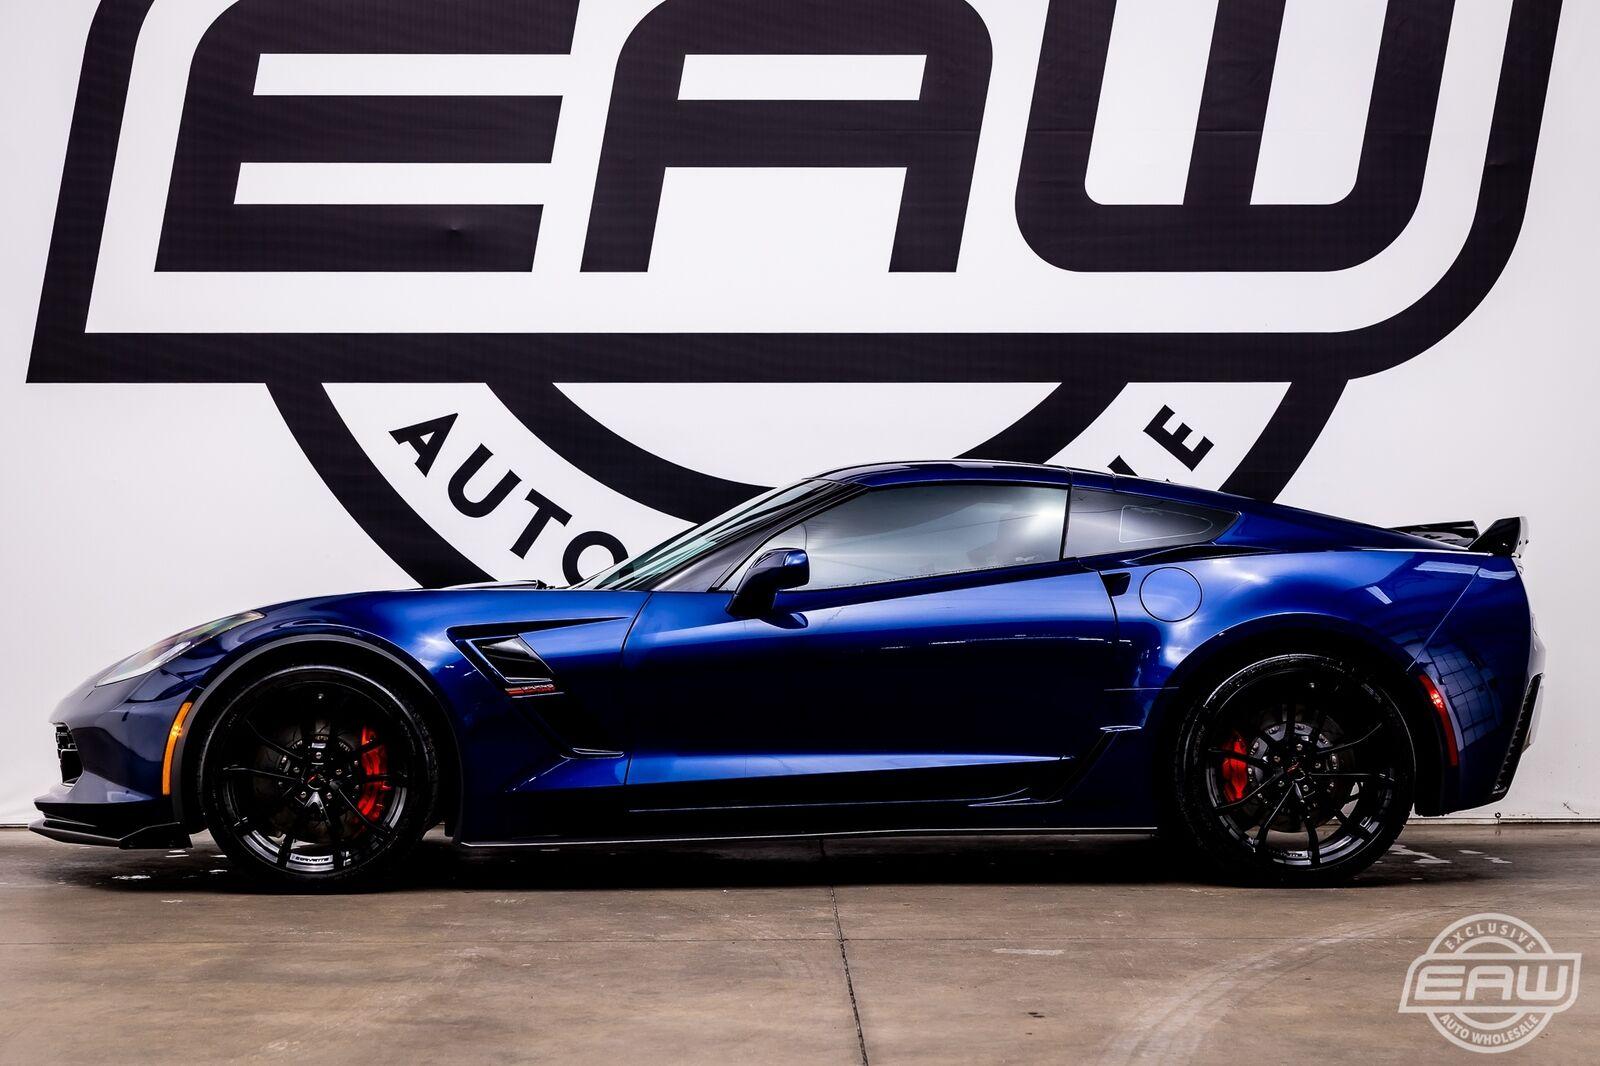 2017 Blue Chevrolet Corvette Grand Sport 2LT | C7 Corvette Photo 3